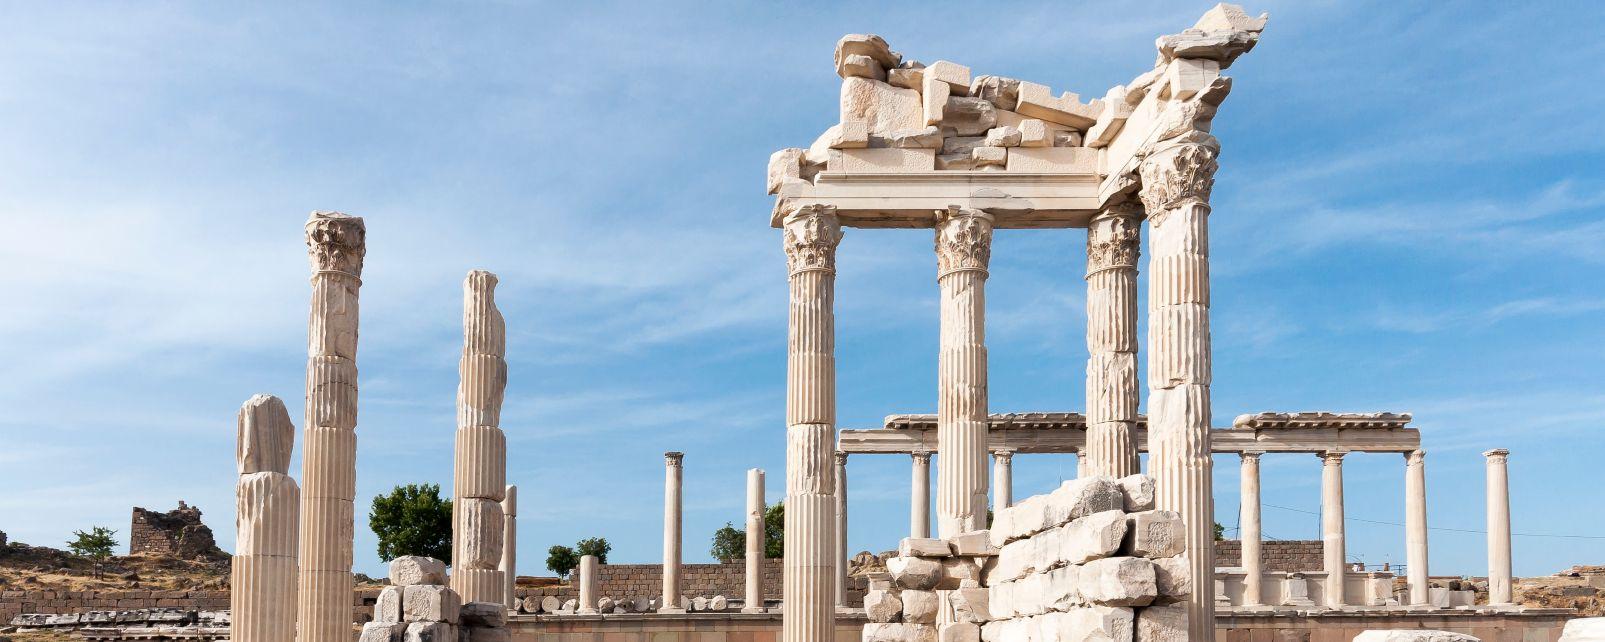 Les monuments, Pergame, Turquie, Asie, archéologie, antiquité, temple, grec, grèce antique, temple, trajan